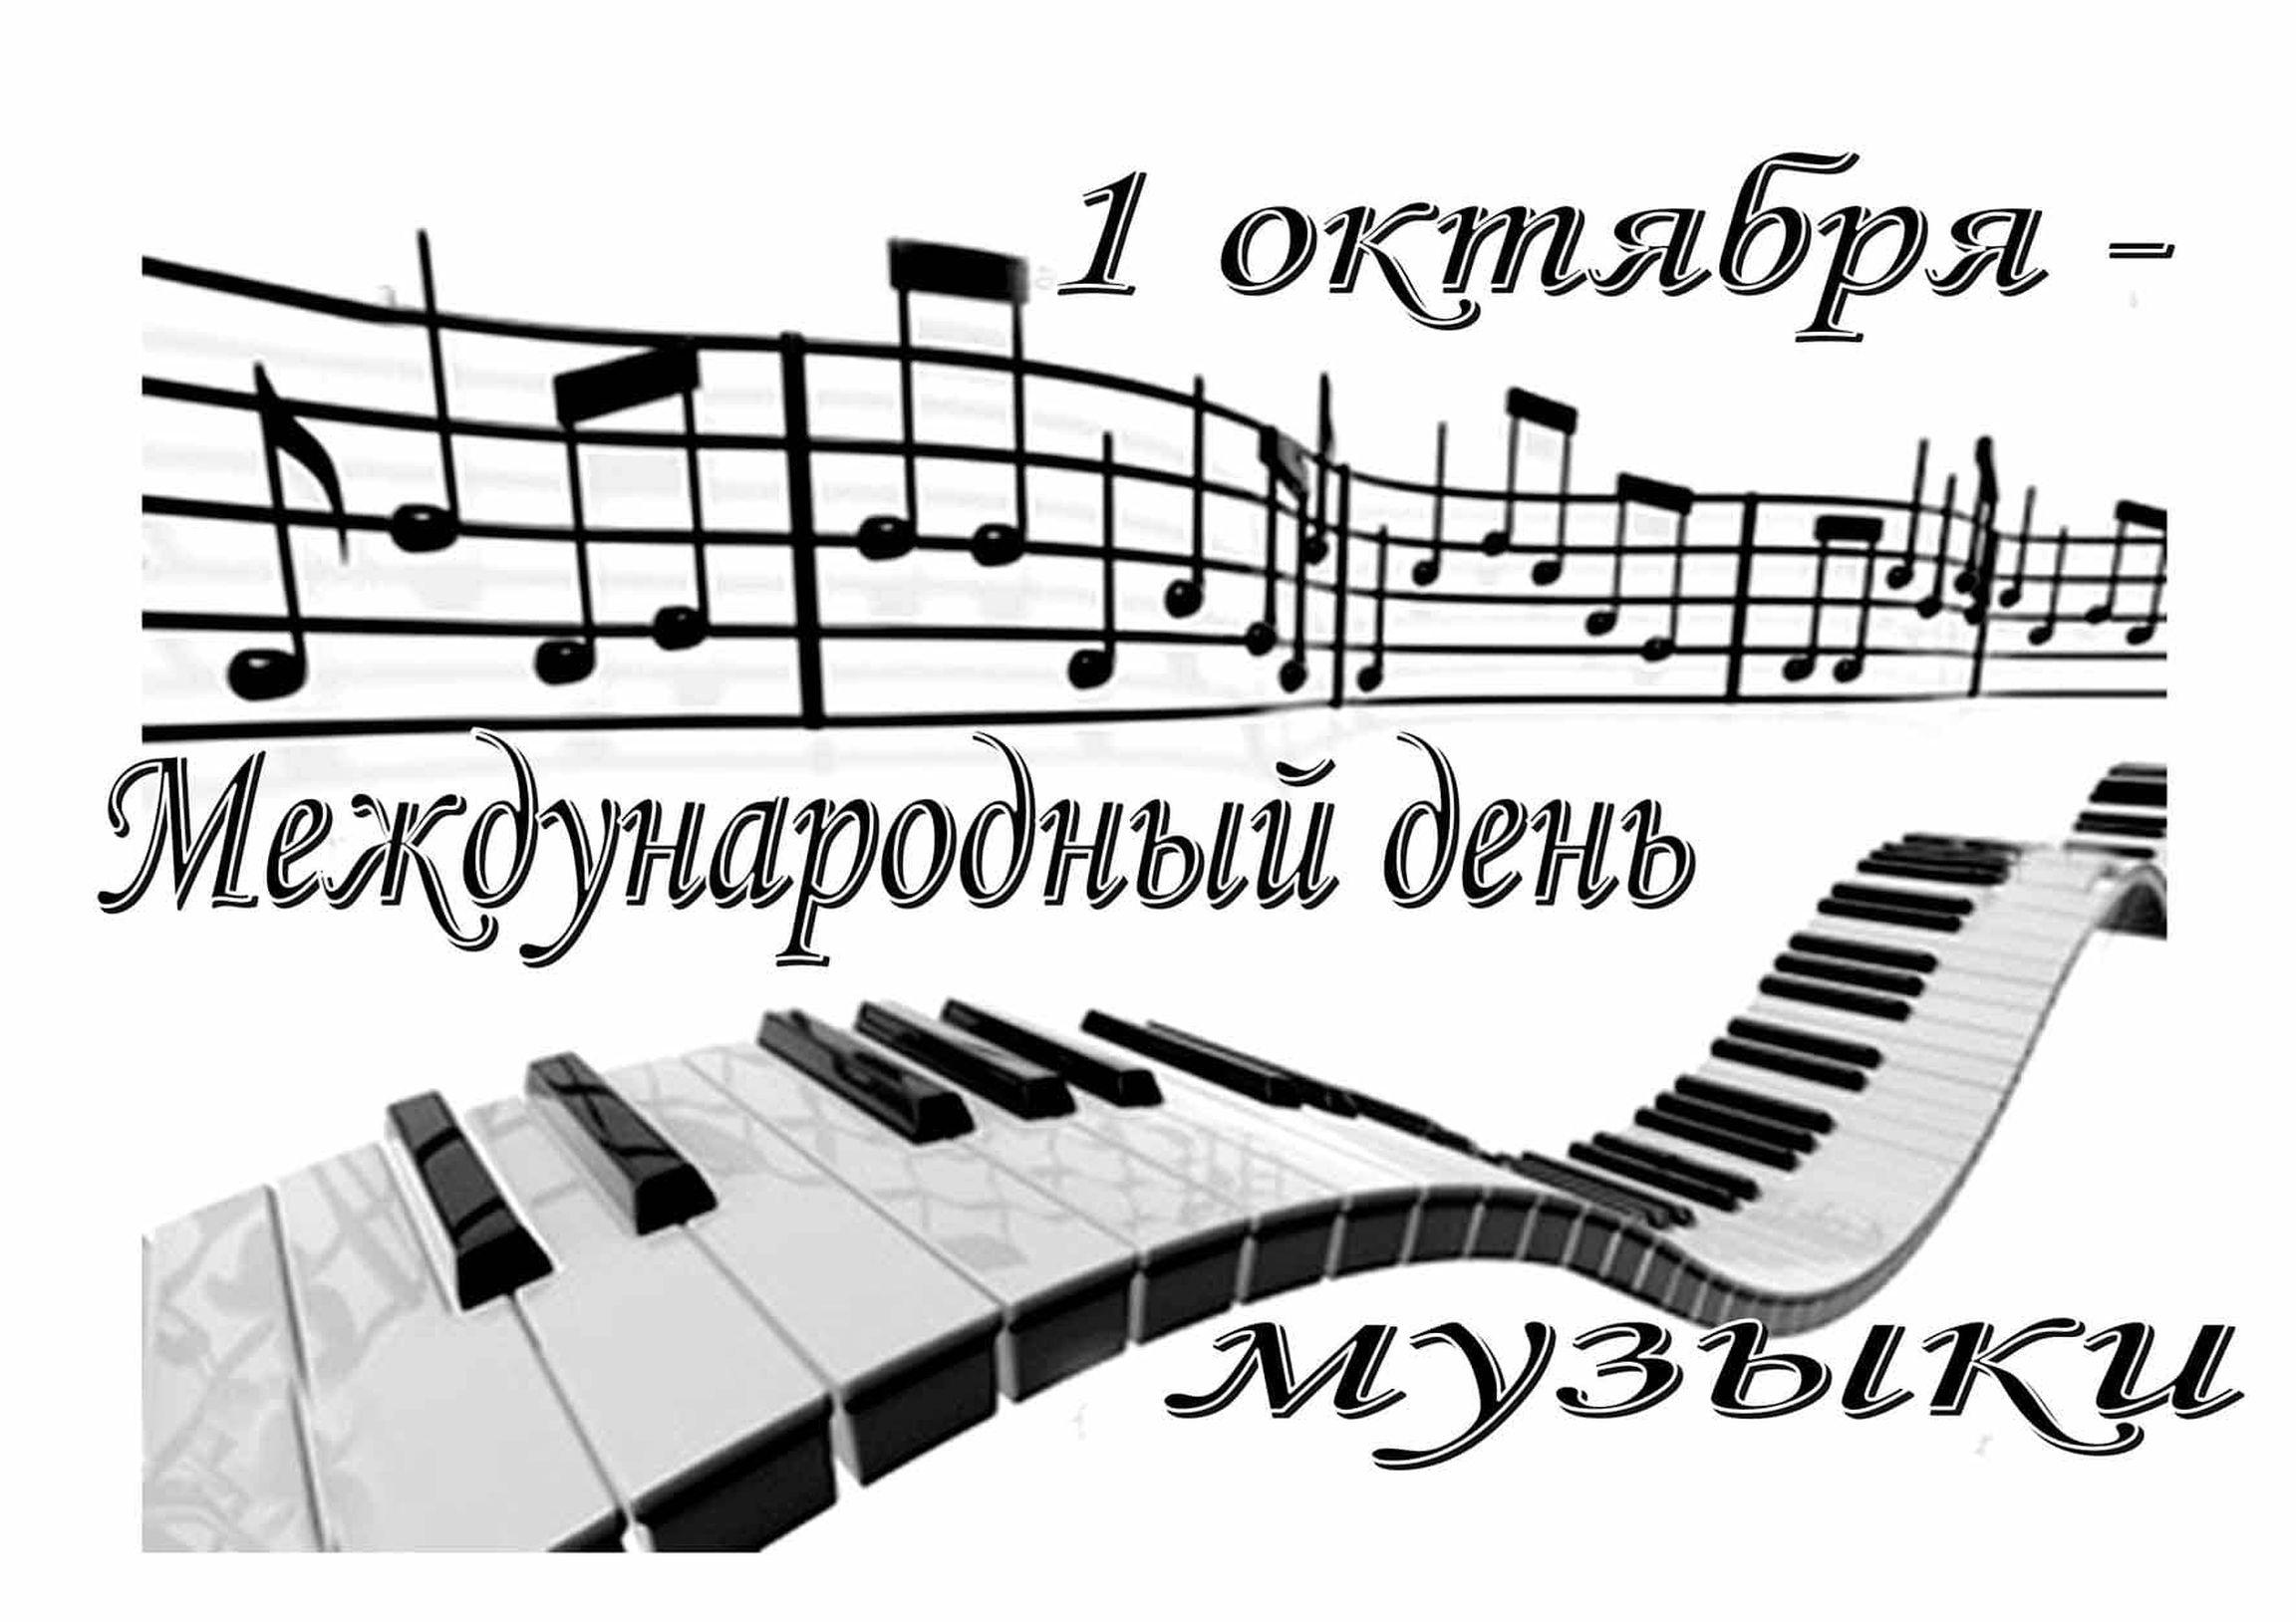 картинки с надписью день музыки богажника